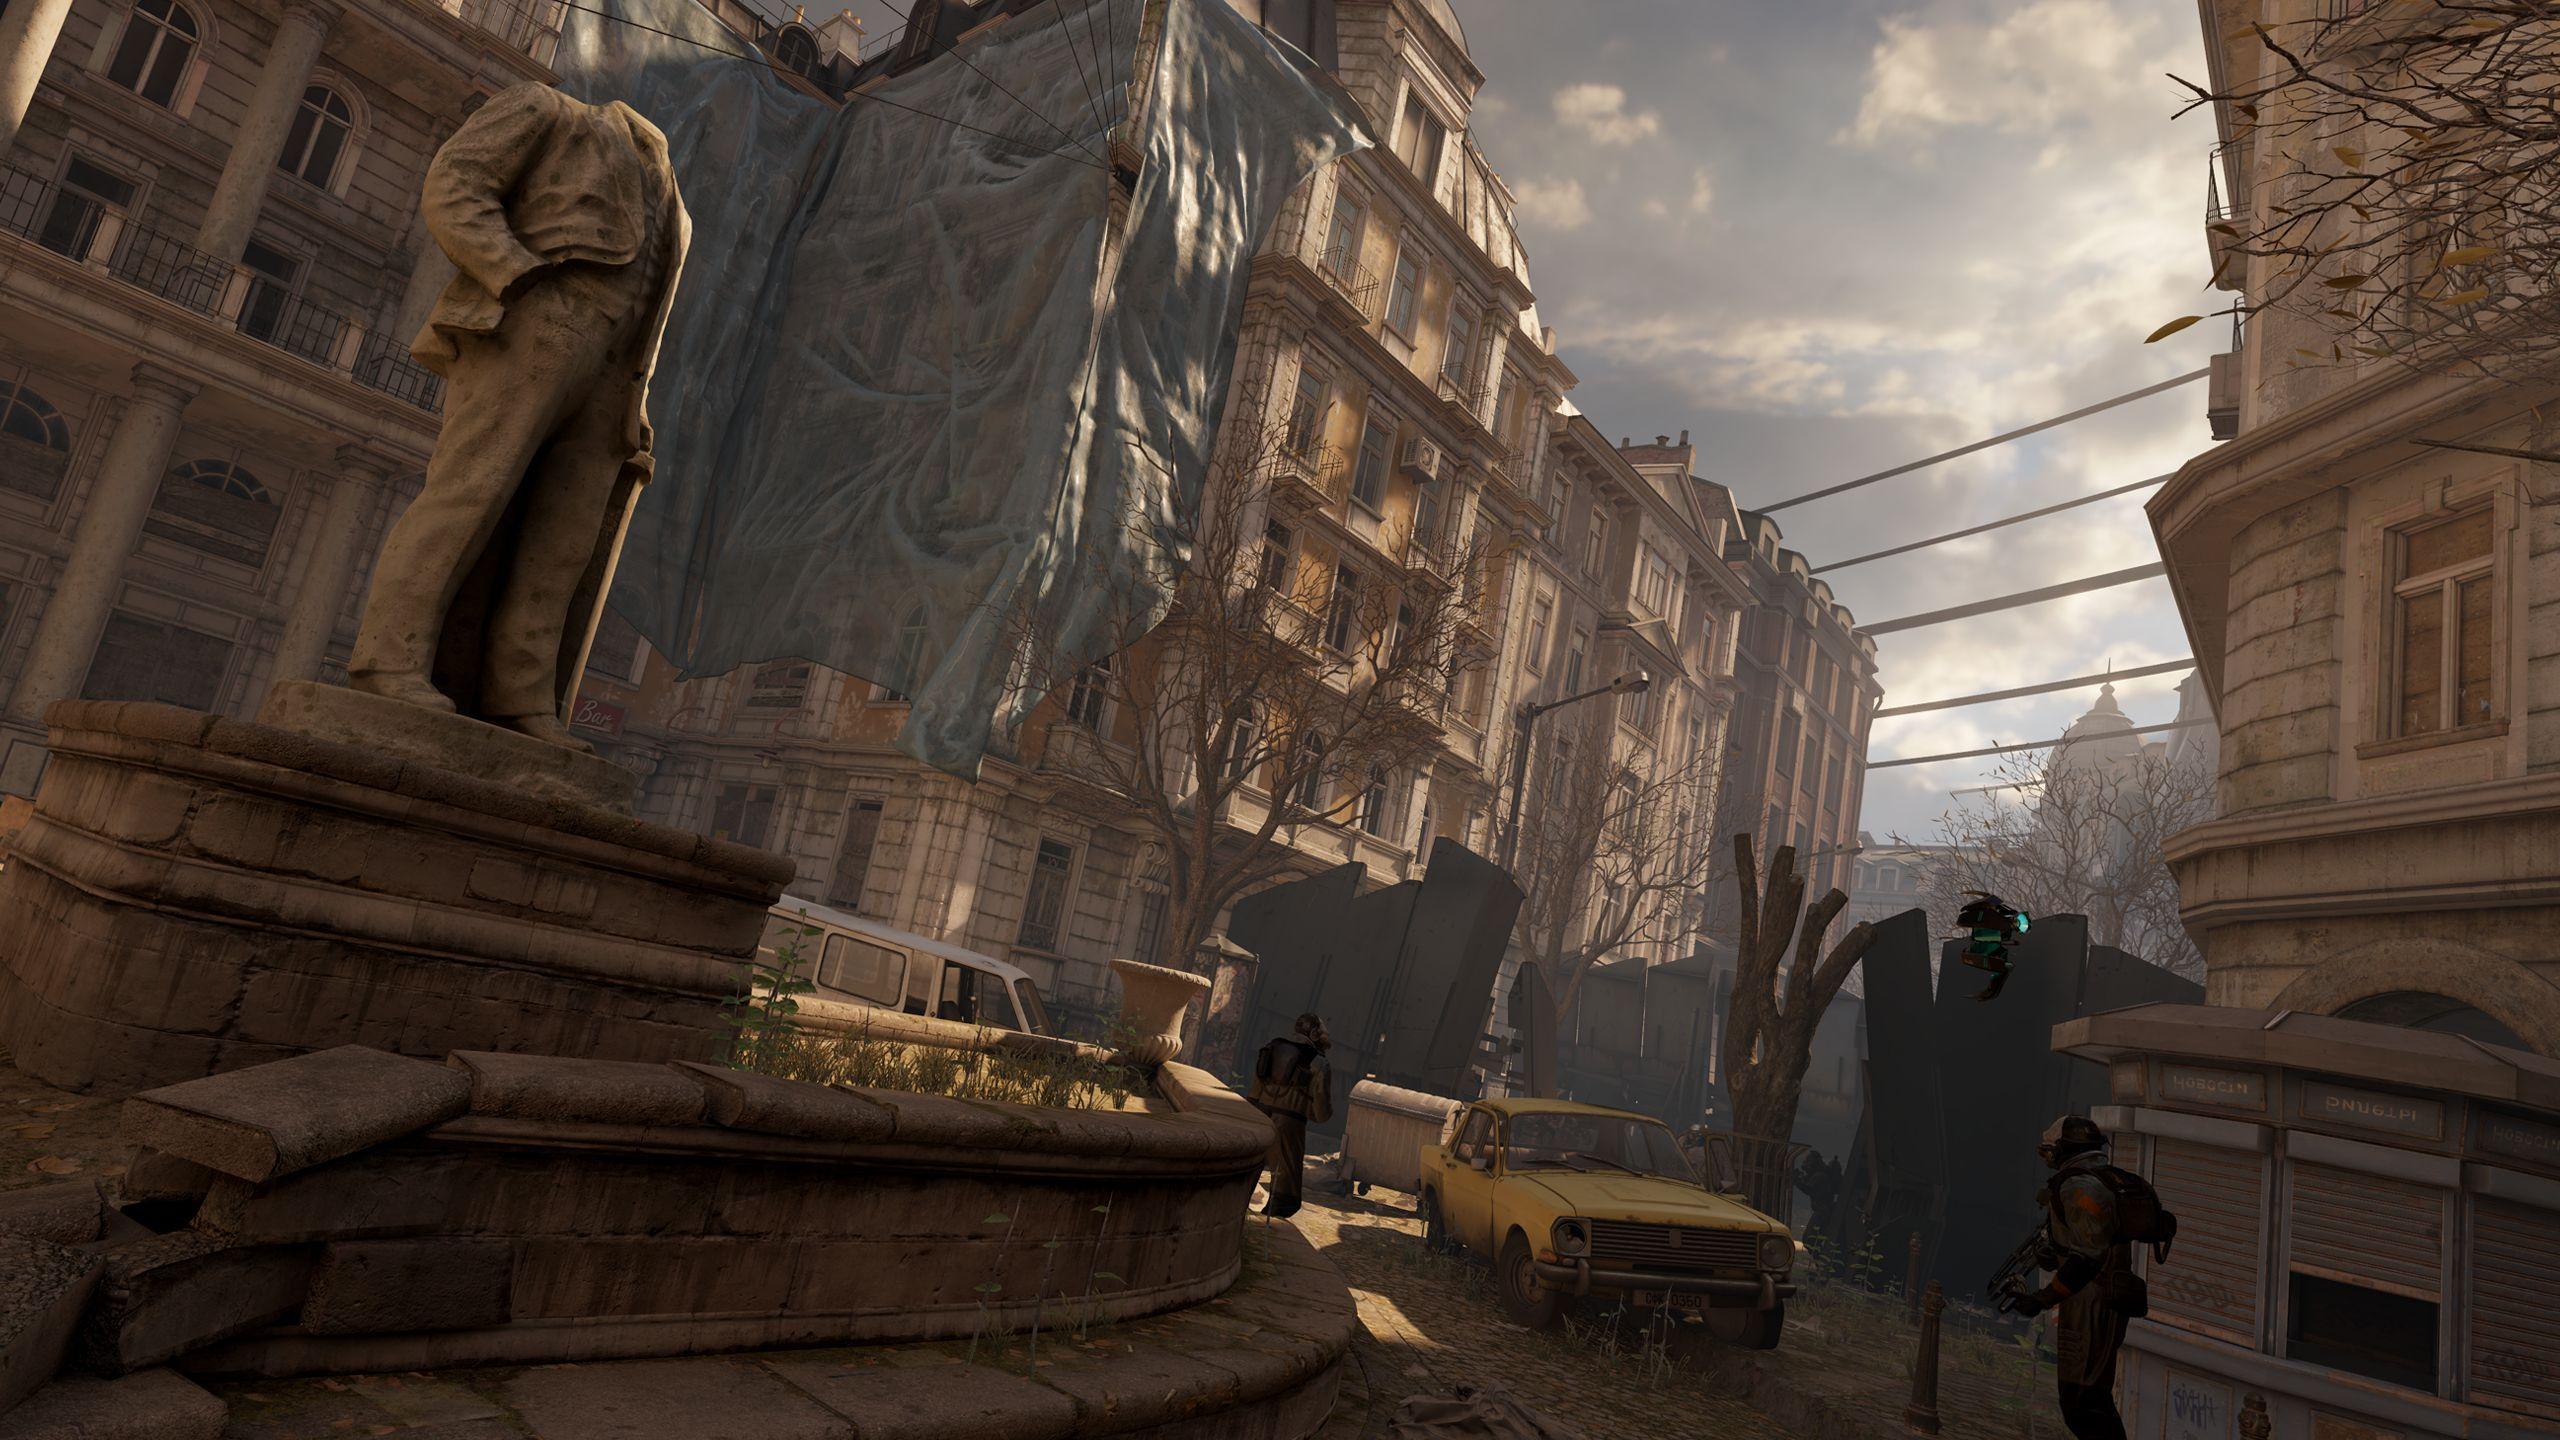 Видео: энтузиаст показал прогресс в адаптации Half-Life: Alyx под обычное управление на ПК без VR